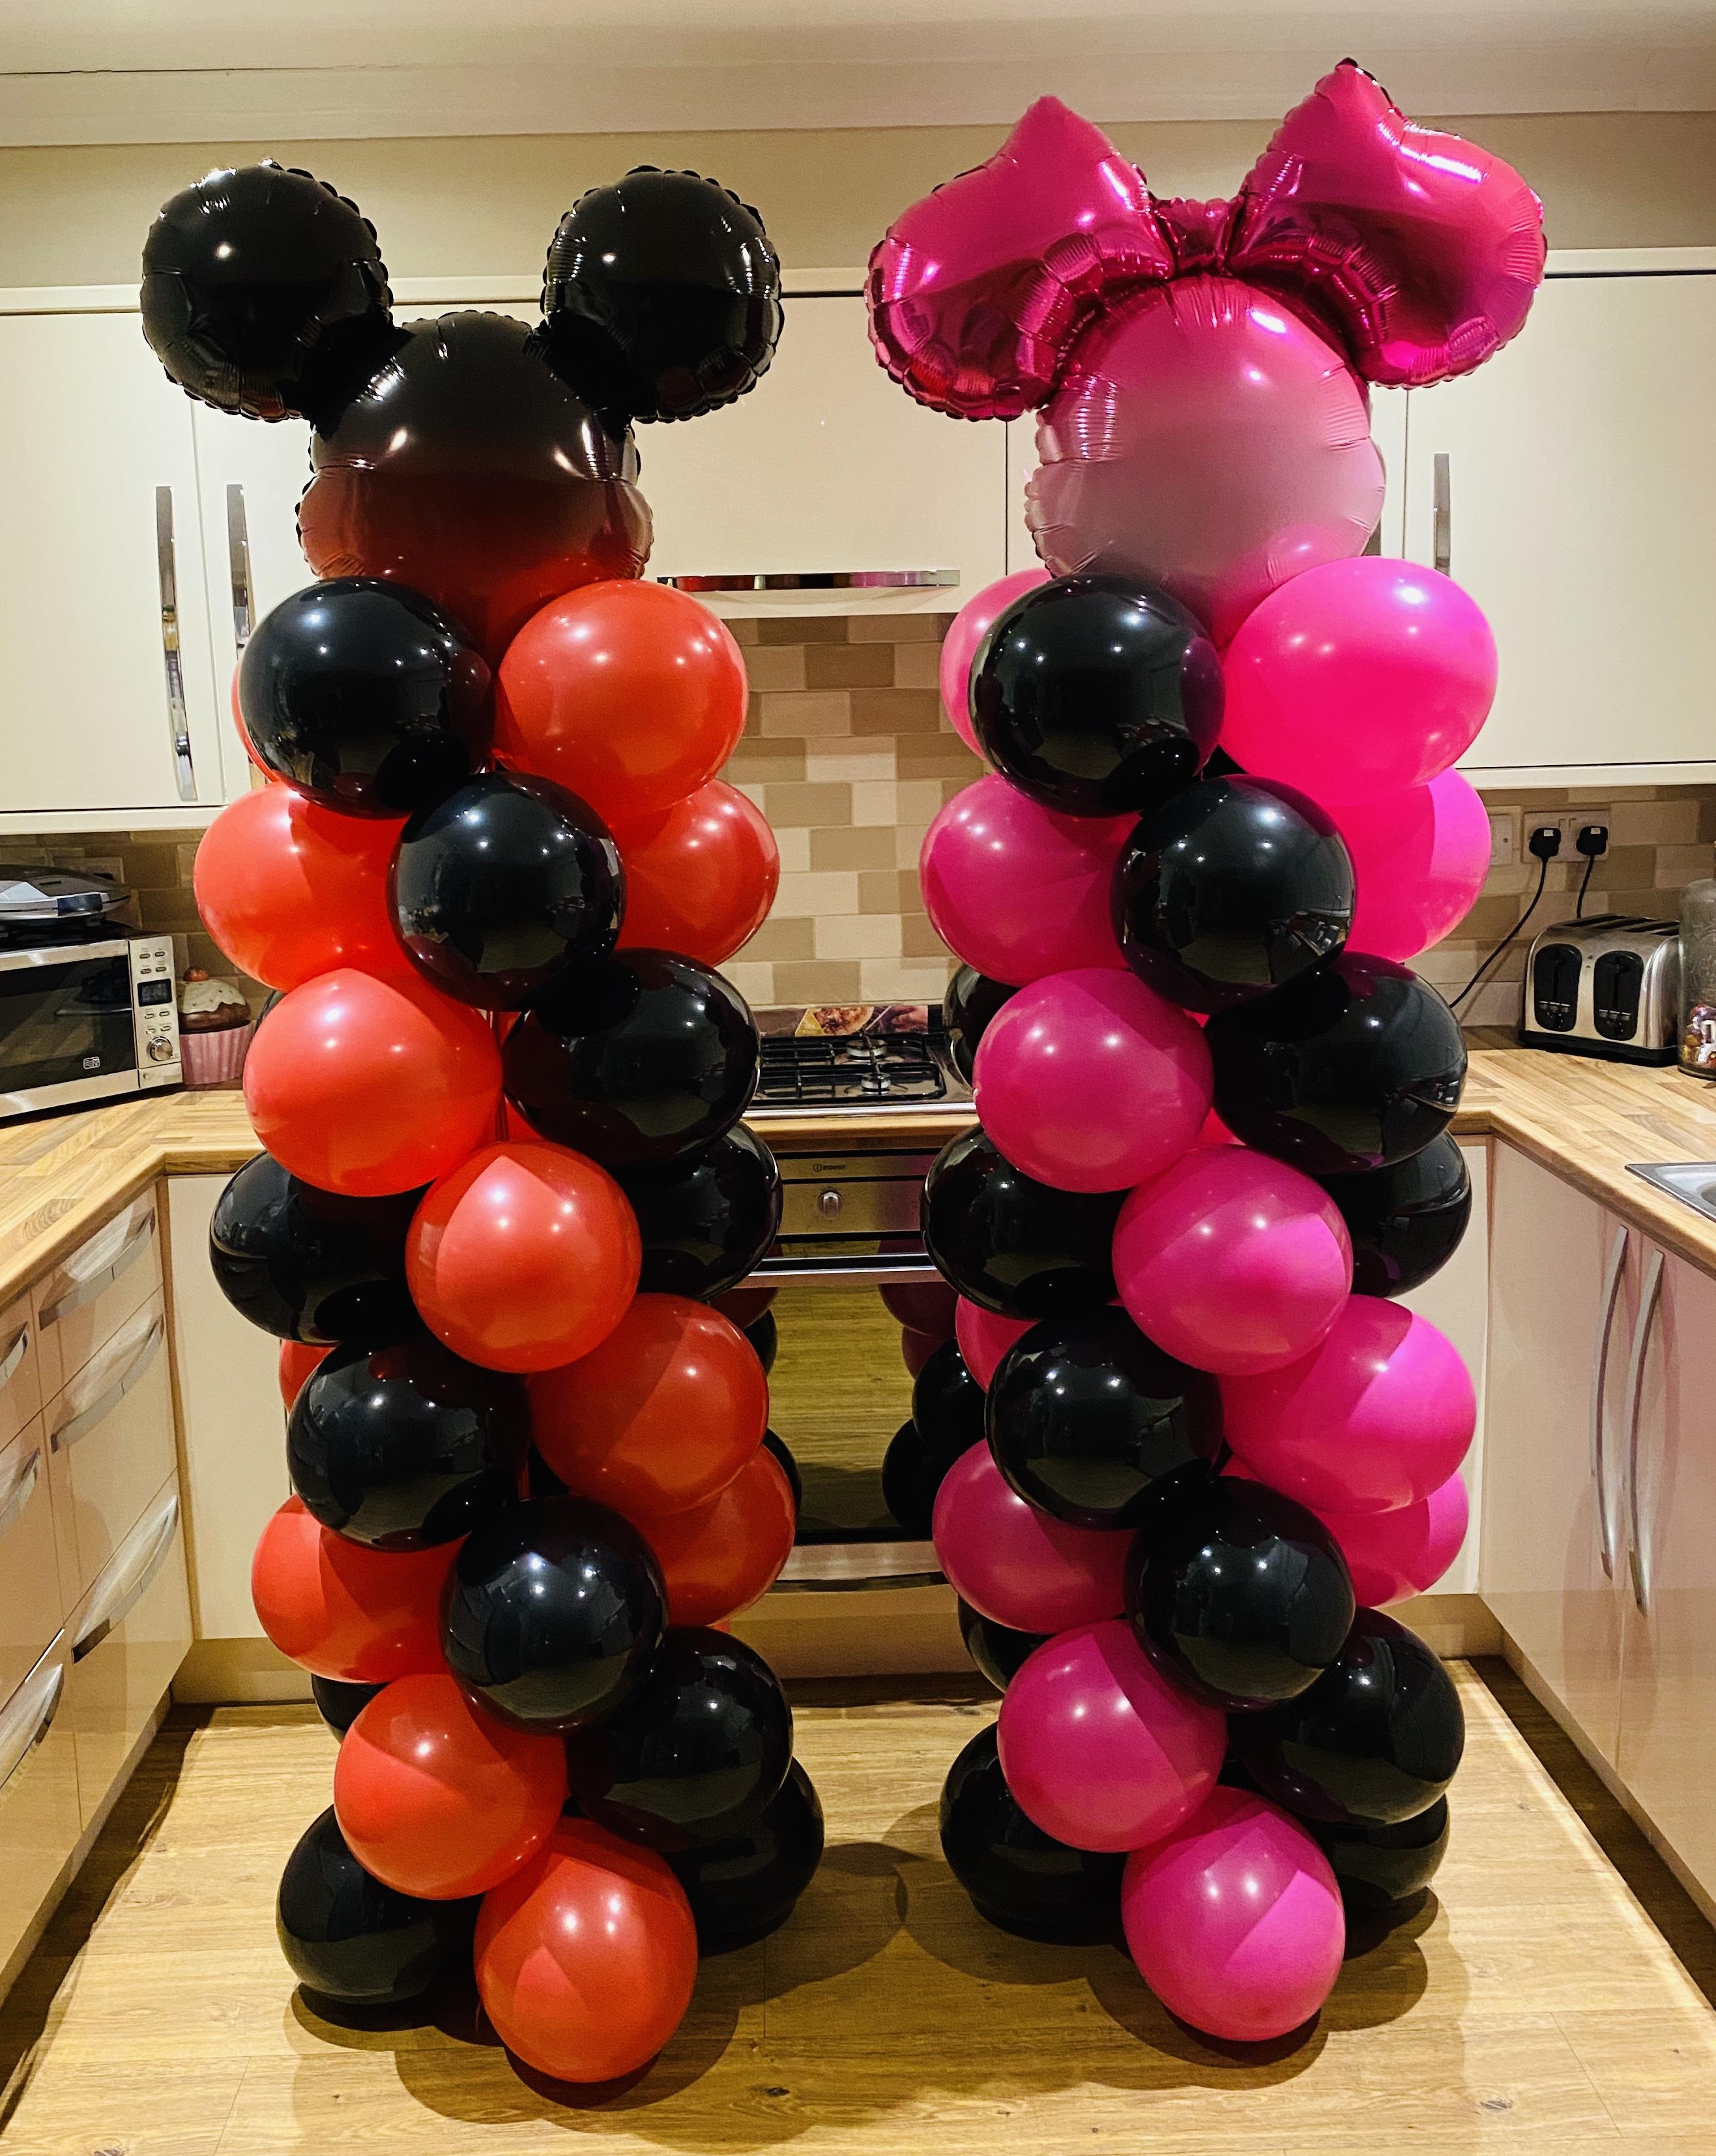 XXL Balloon Tower